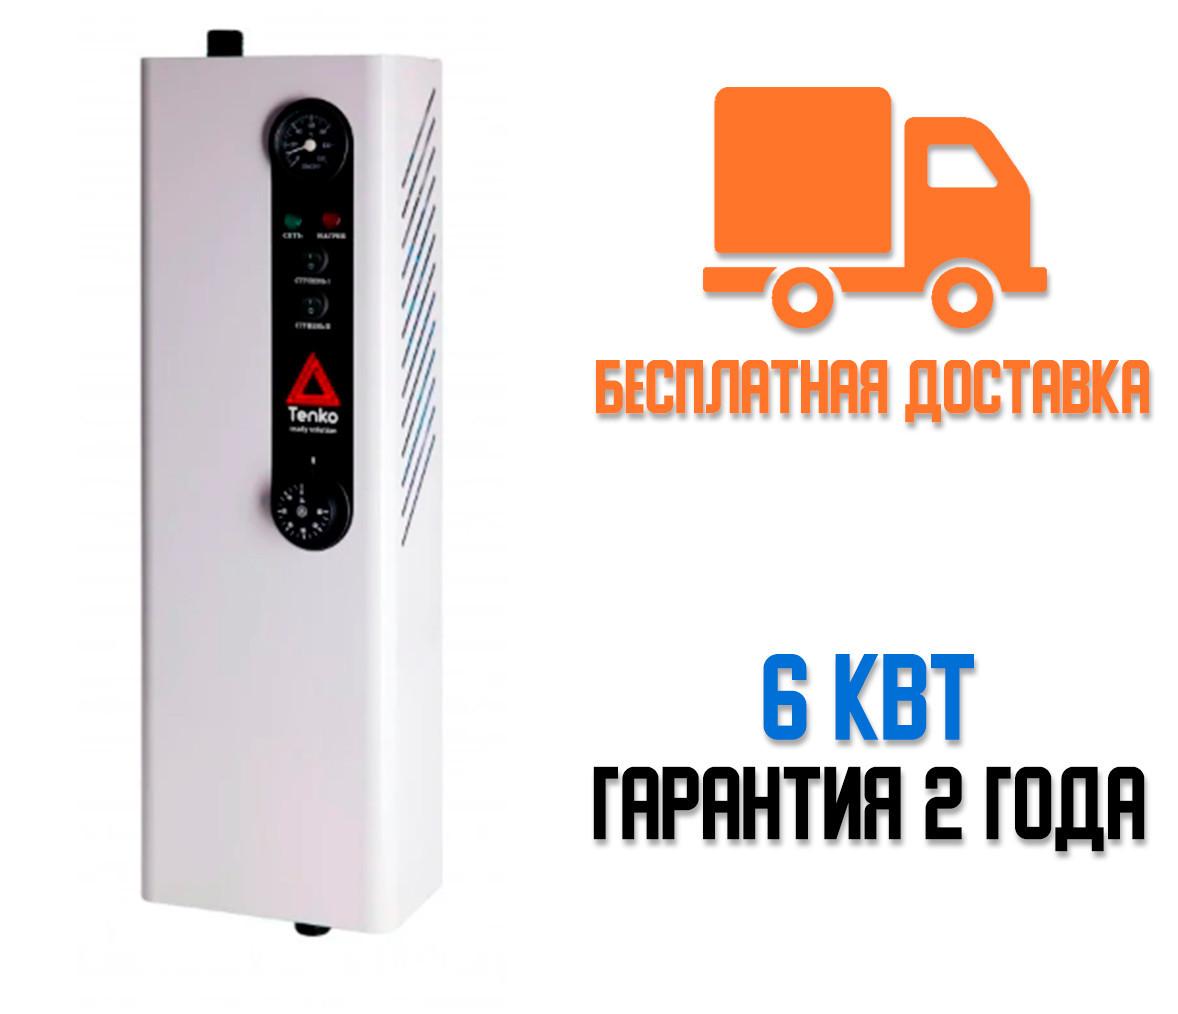 Котел электрический Tenko 6 кВт/220 эконом Бесплатная доставка!